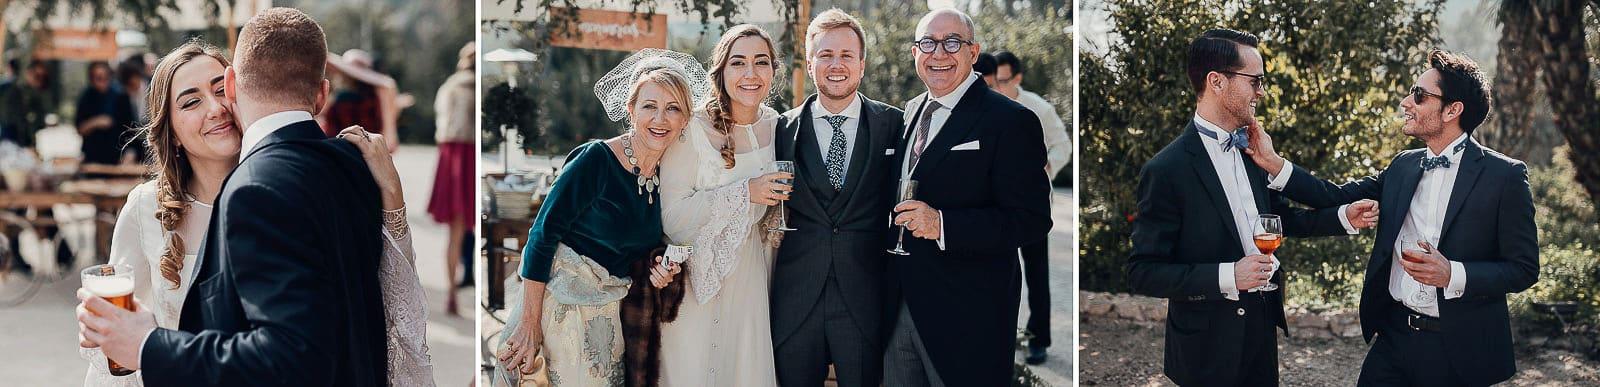 invitados y novios boda